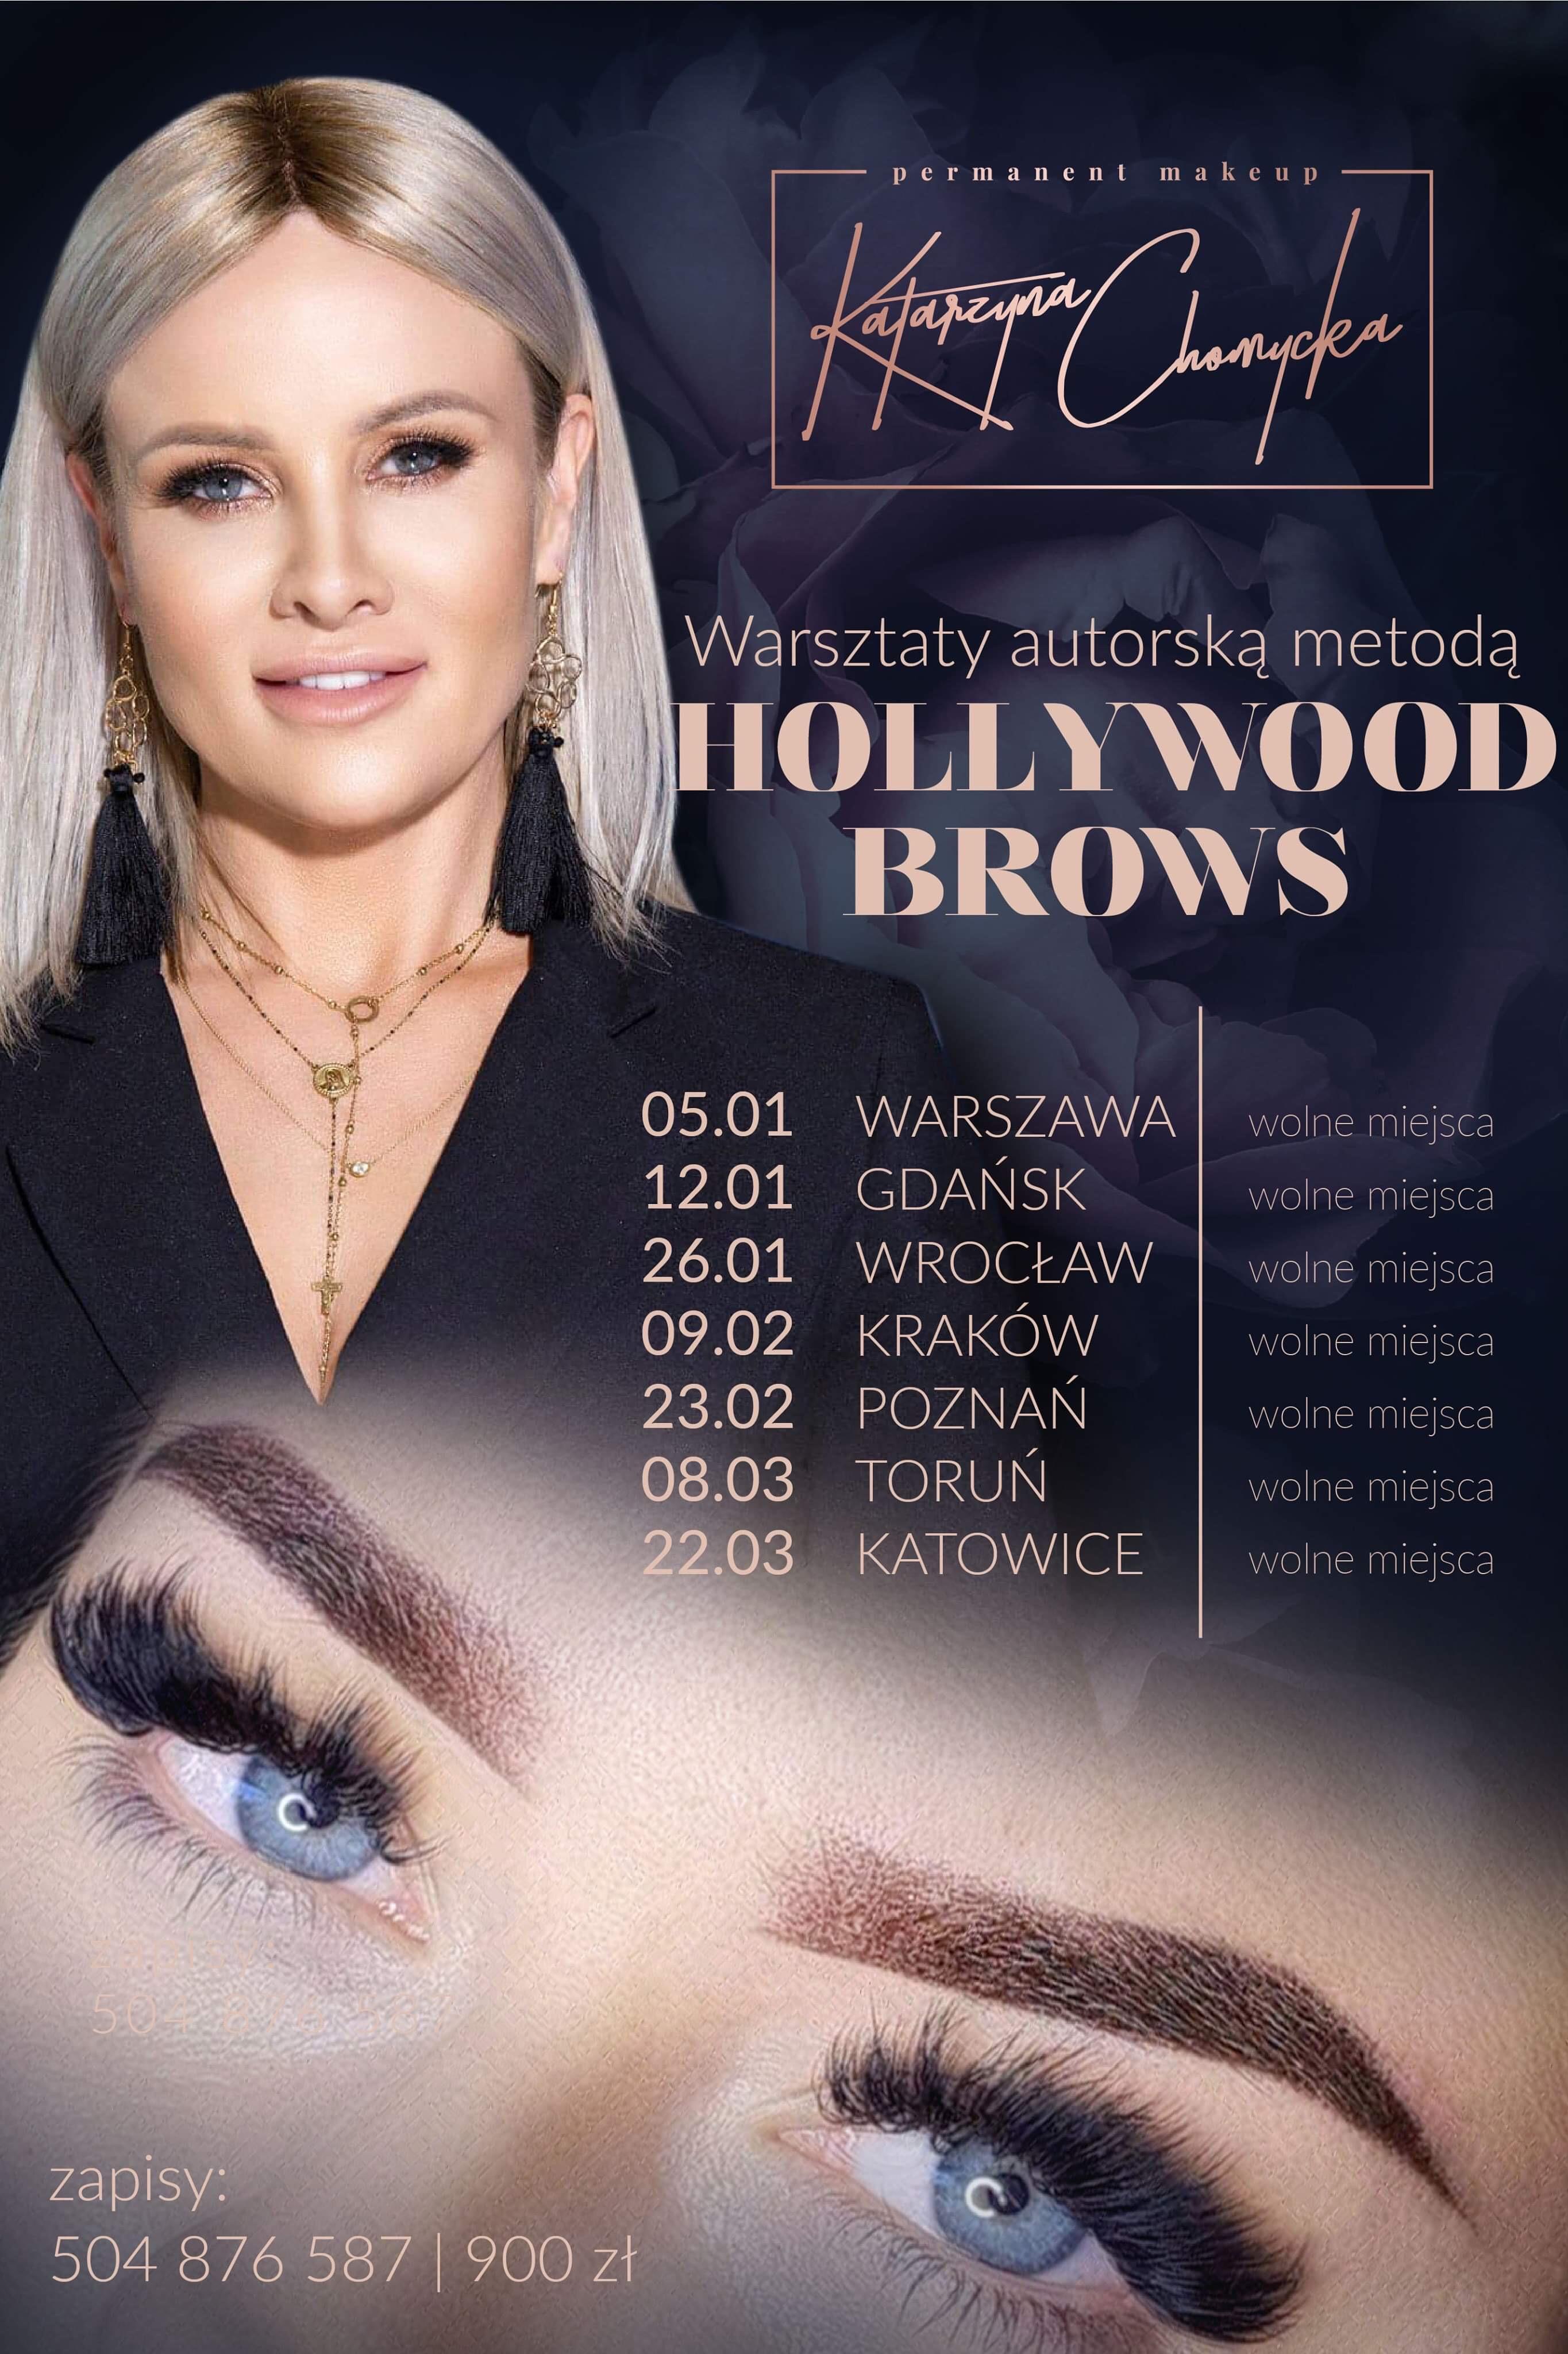 Warsztaty HOLLYWOOD BROWS makijaż permanentny